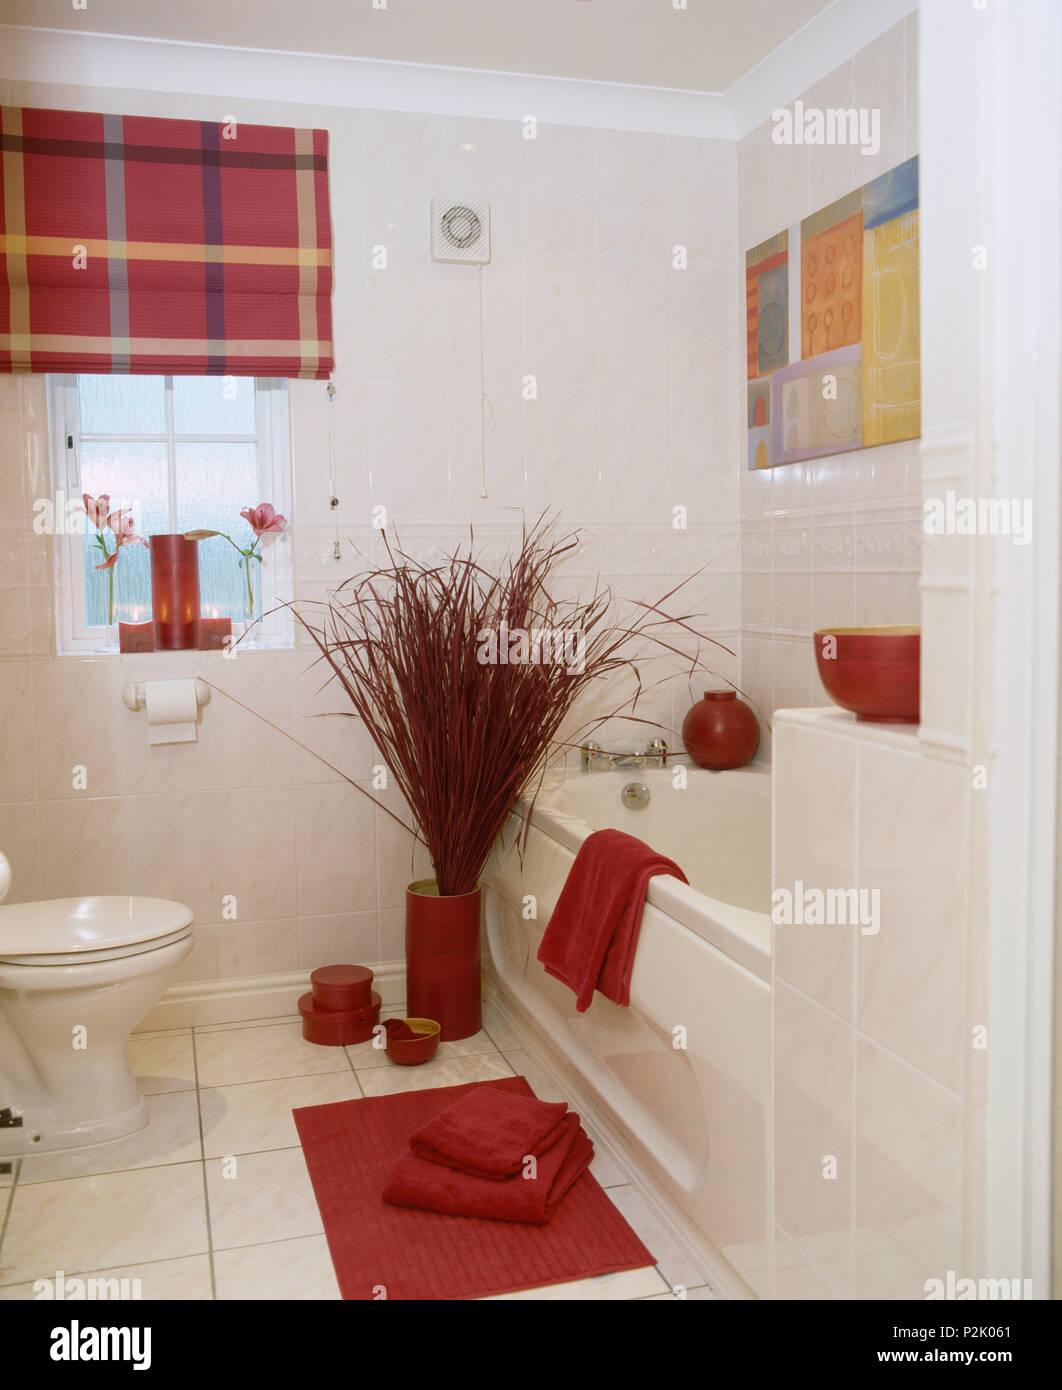 Salle De Bain Rouge Blanc arrangement des brindilles rouge à côté de baignoire en